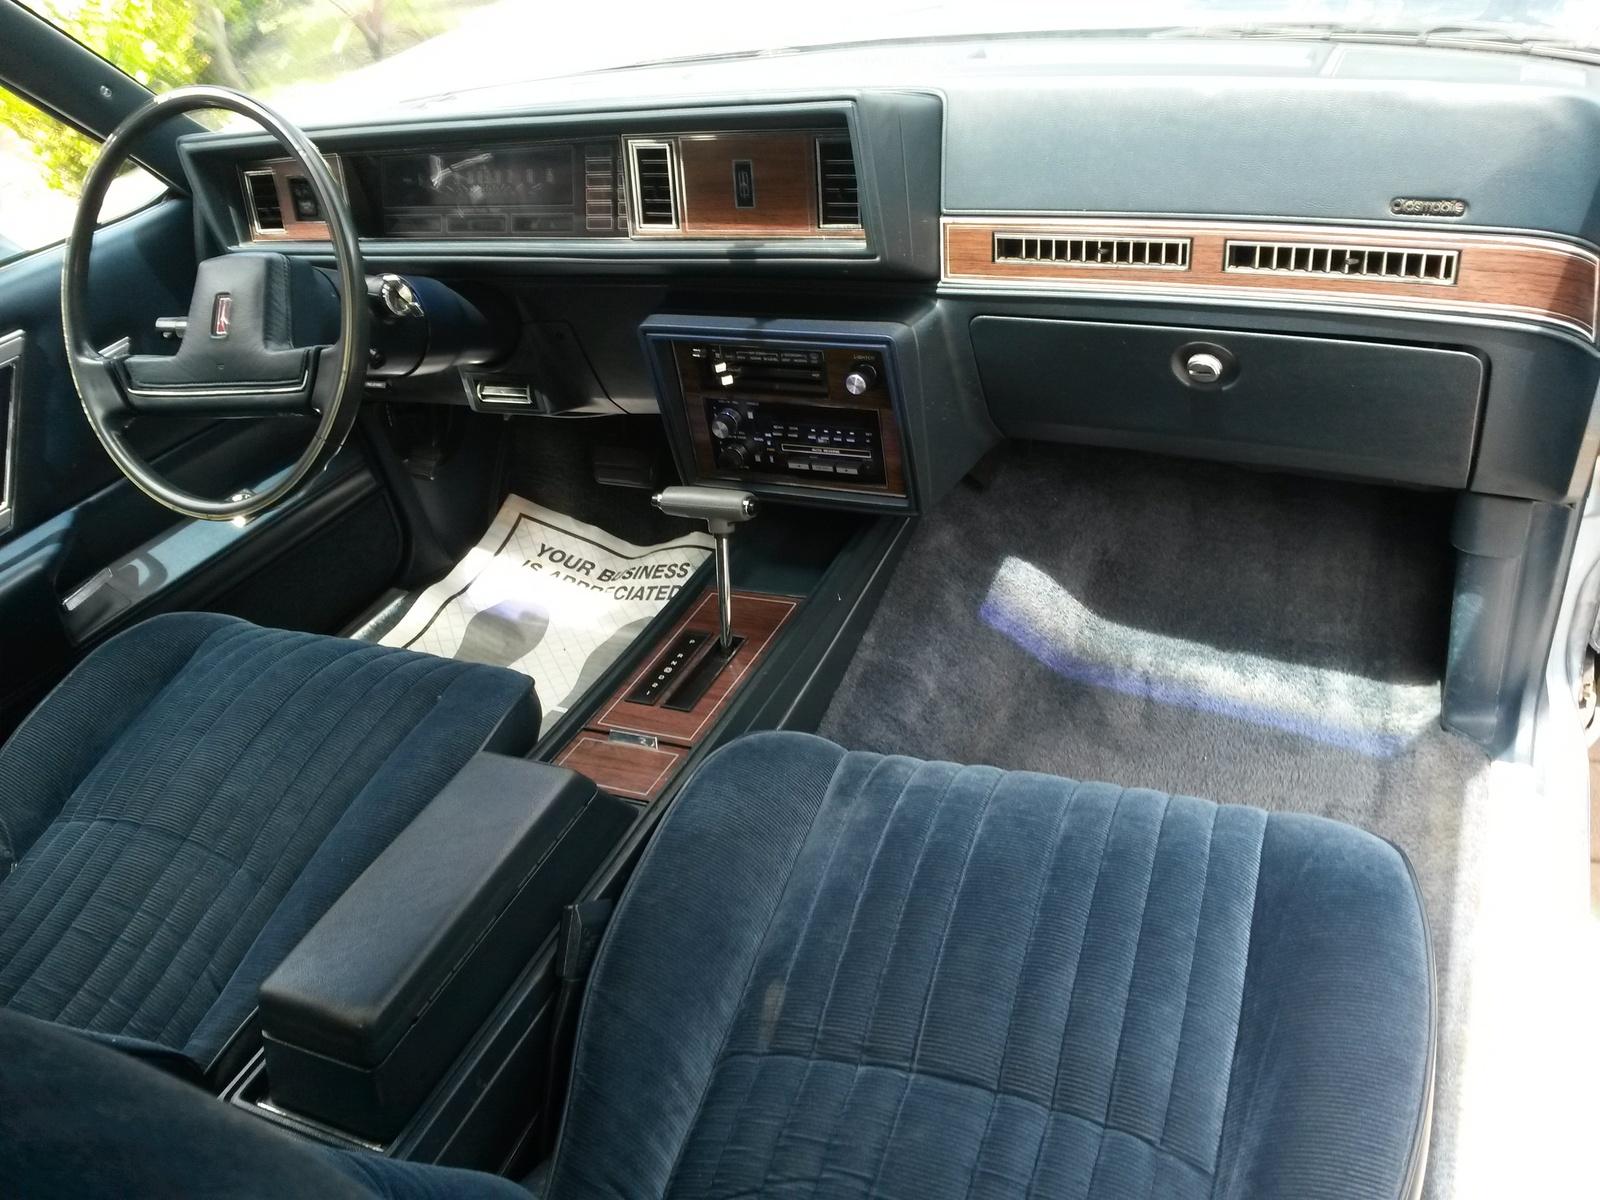 1988 Oldsmobile Cutlass Supreme Interior Pictures Cargurus